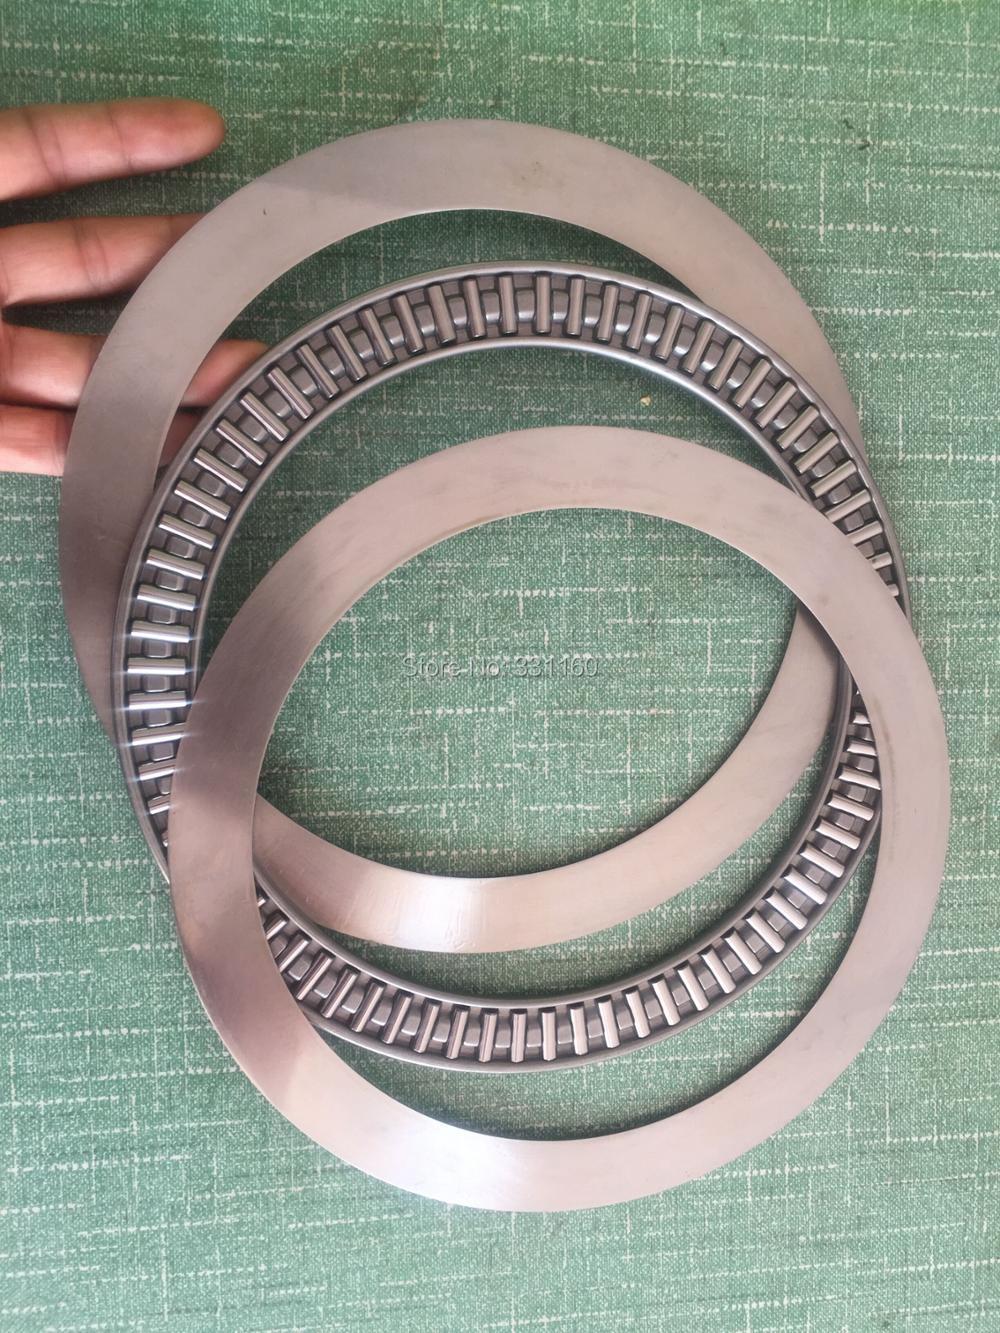 Тяги роликовый Подшипник иглы с размером две шайбы:внутреннее diameter190mm, внешний diameter235mm, толщина 9мм